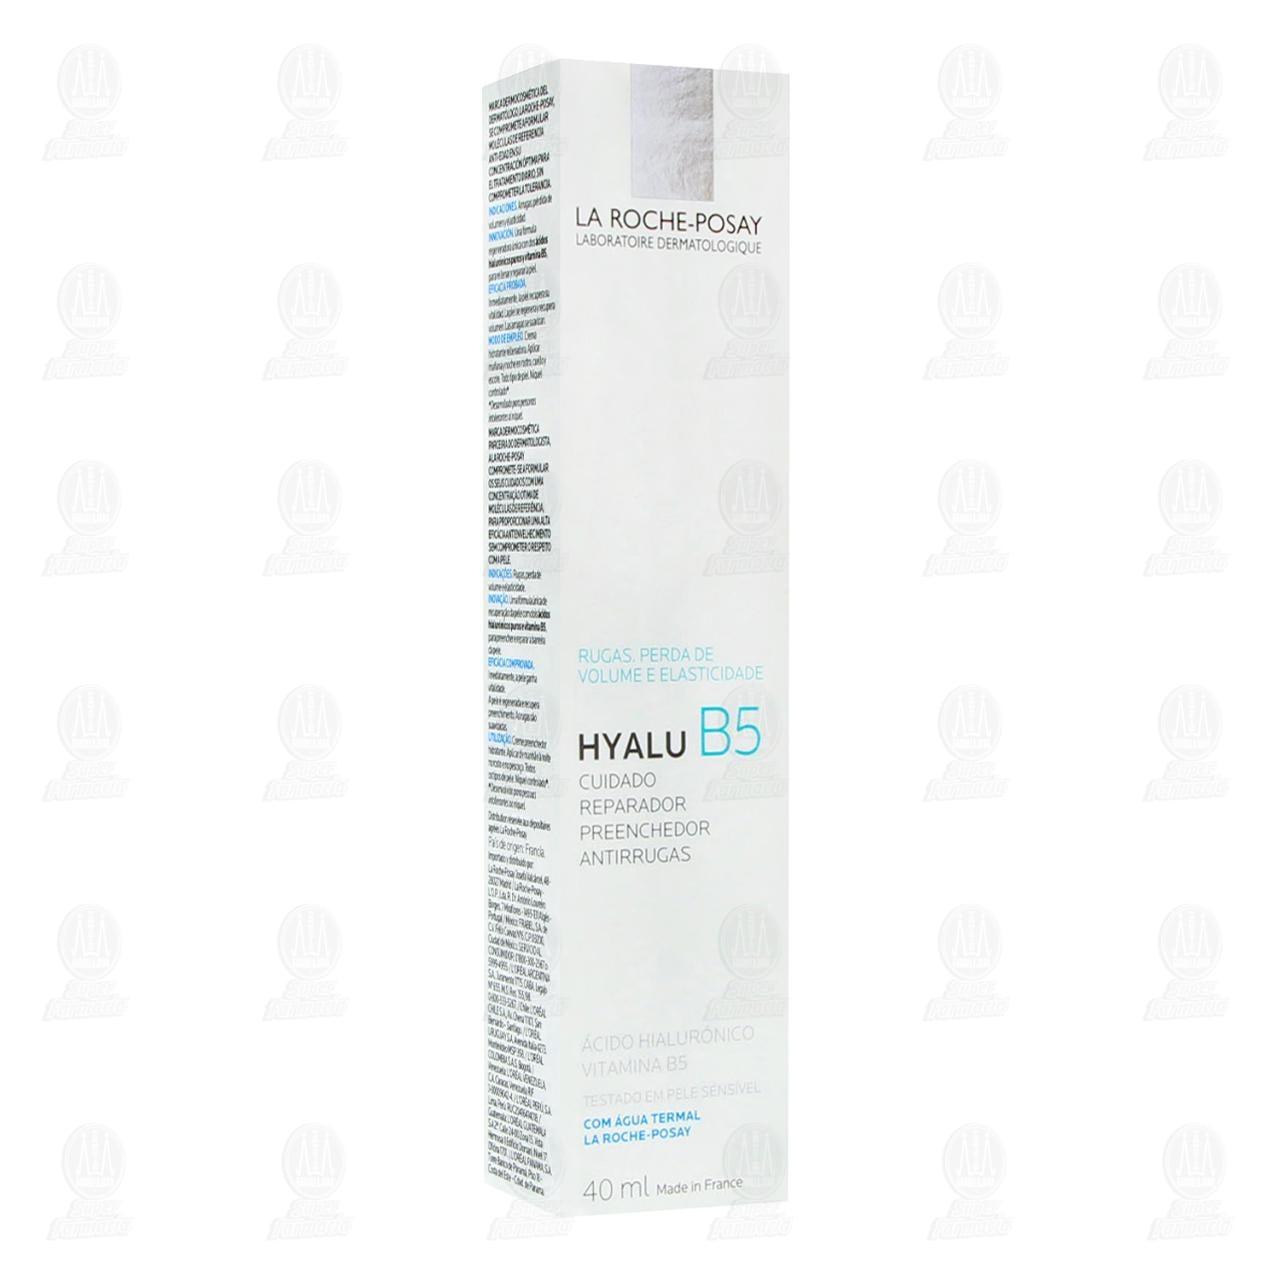 Comprar La Roche Posay Hyalu B5 Tratamiento Anti-Arrugas Reparador y Rellenador, 40 ml. en Farmacias Guadalajara